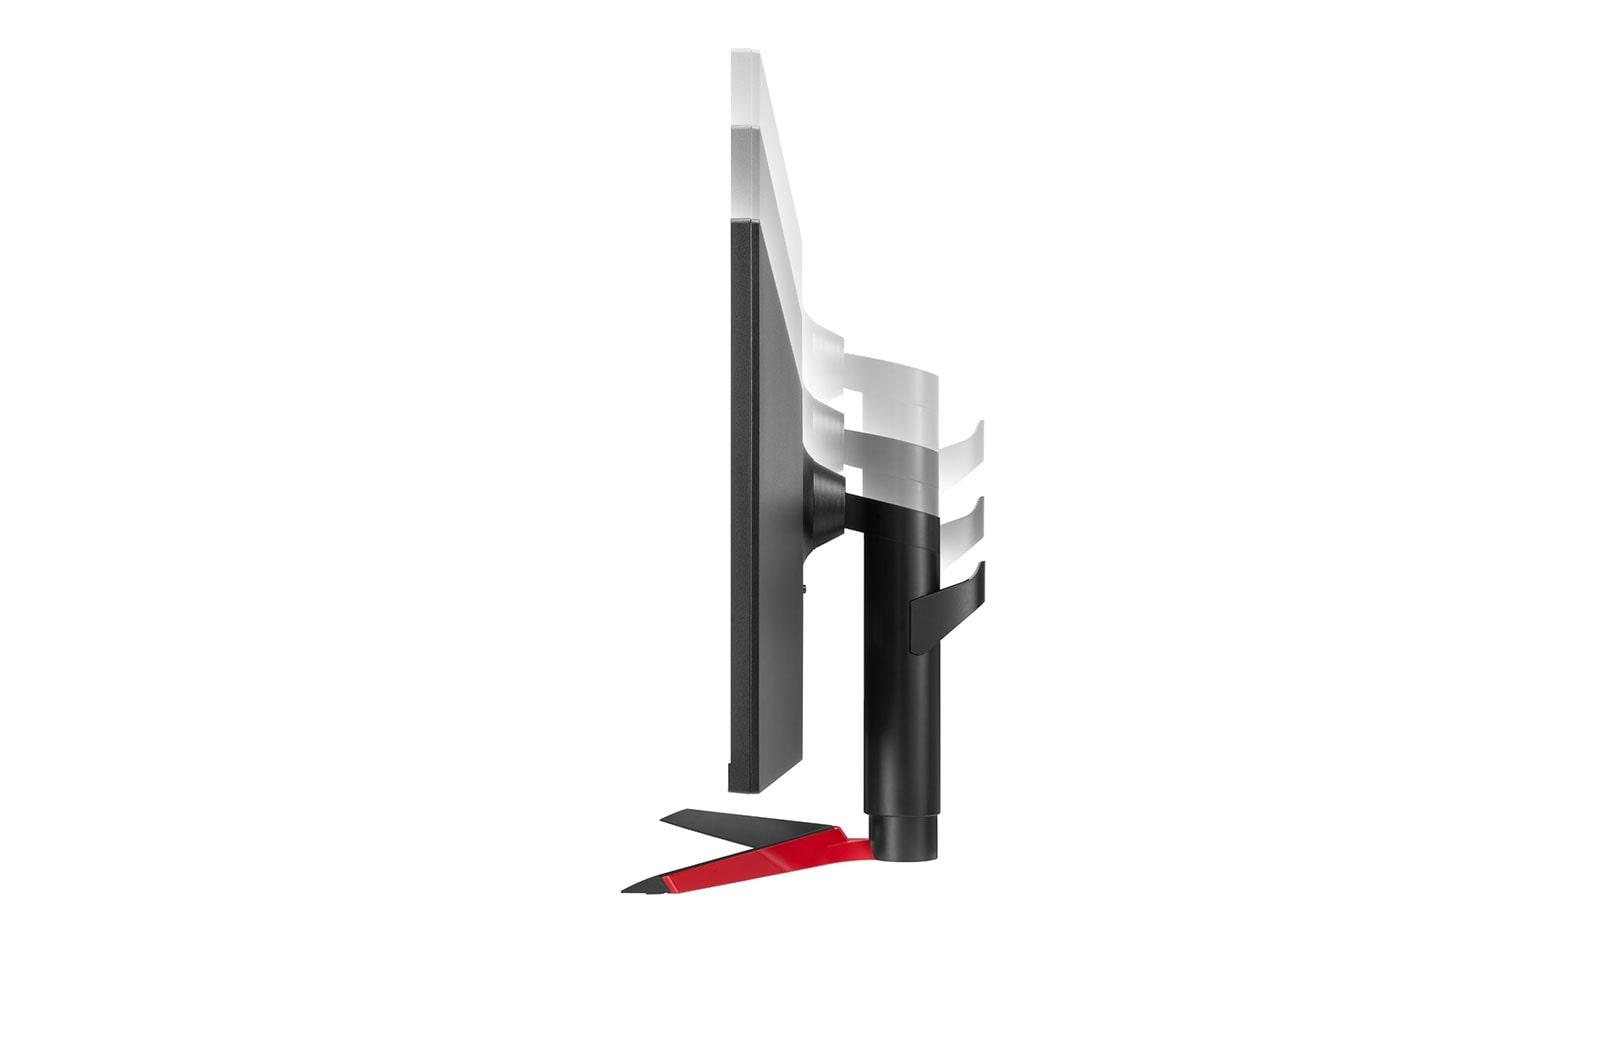 LG Màn hình máy tính LG UltraWide™ 34'' IPS  Full HD AMD FreeSync™ VESA DisplayHDR™ 400 sRGB 99% USB Type-C™ 34WP65G-B , ảnh mặt bên của màn hình đang di chuyển xuống dưới khi điều chỉnh độ cao, 34WP65G-B